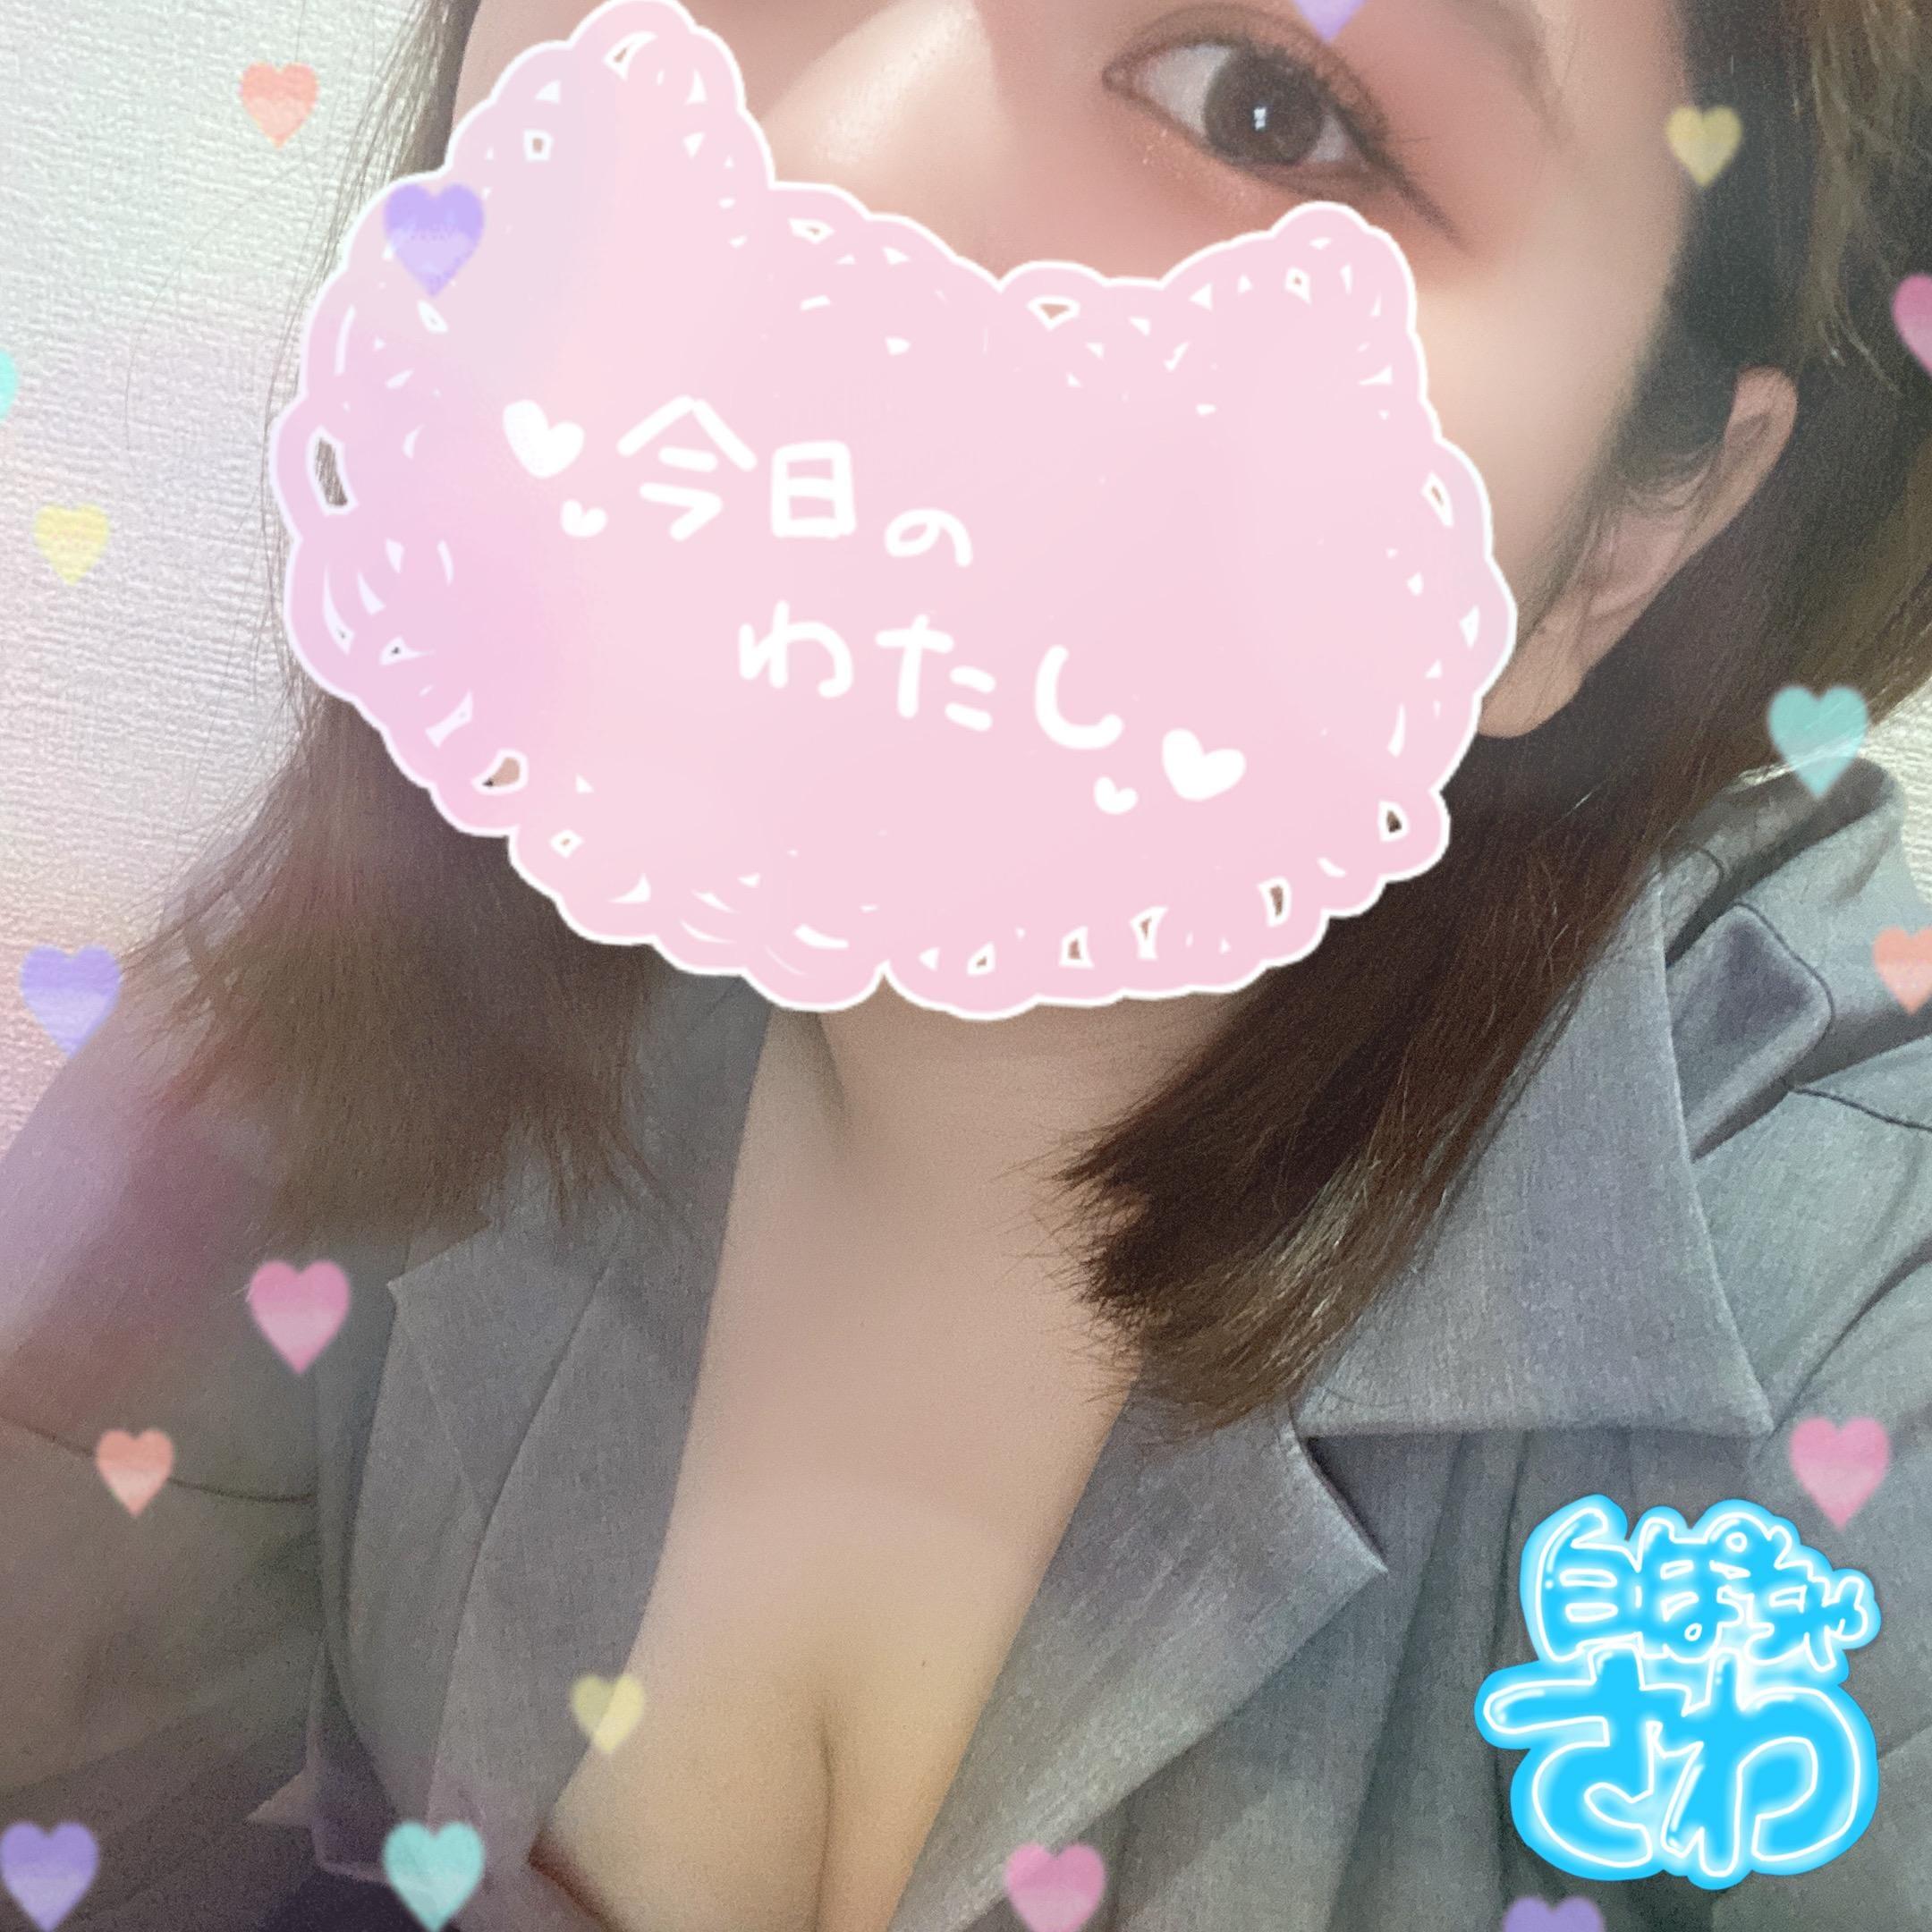 「♡待ってるね♡」10/20(水) 04:56   さわの写メ日記